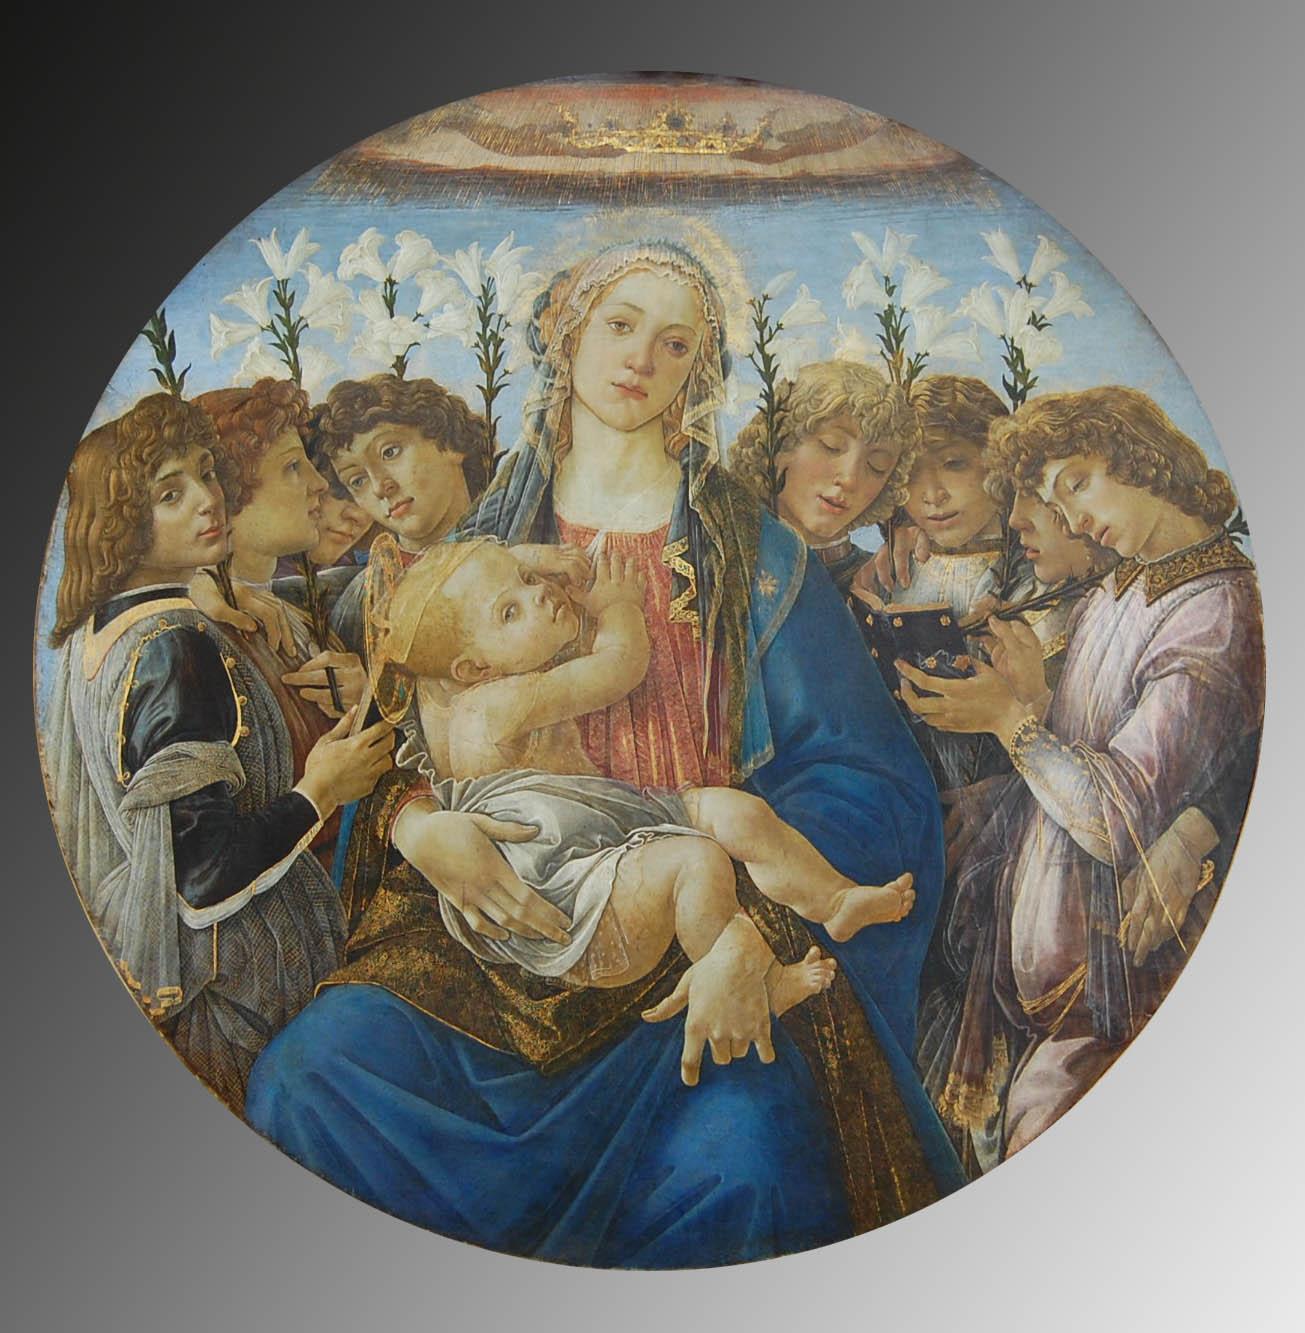 La Vierge à l'Enfant avec un concert d'anges, Botticelli